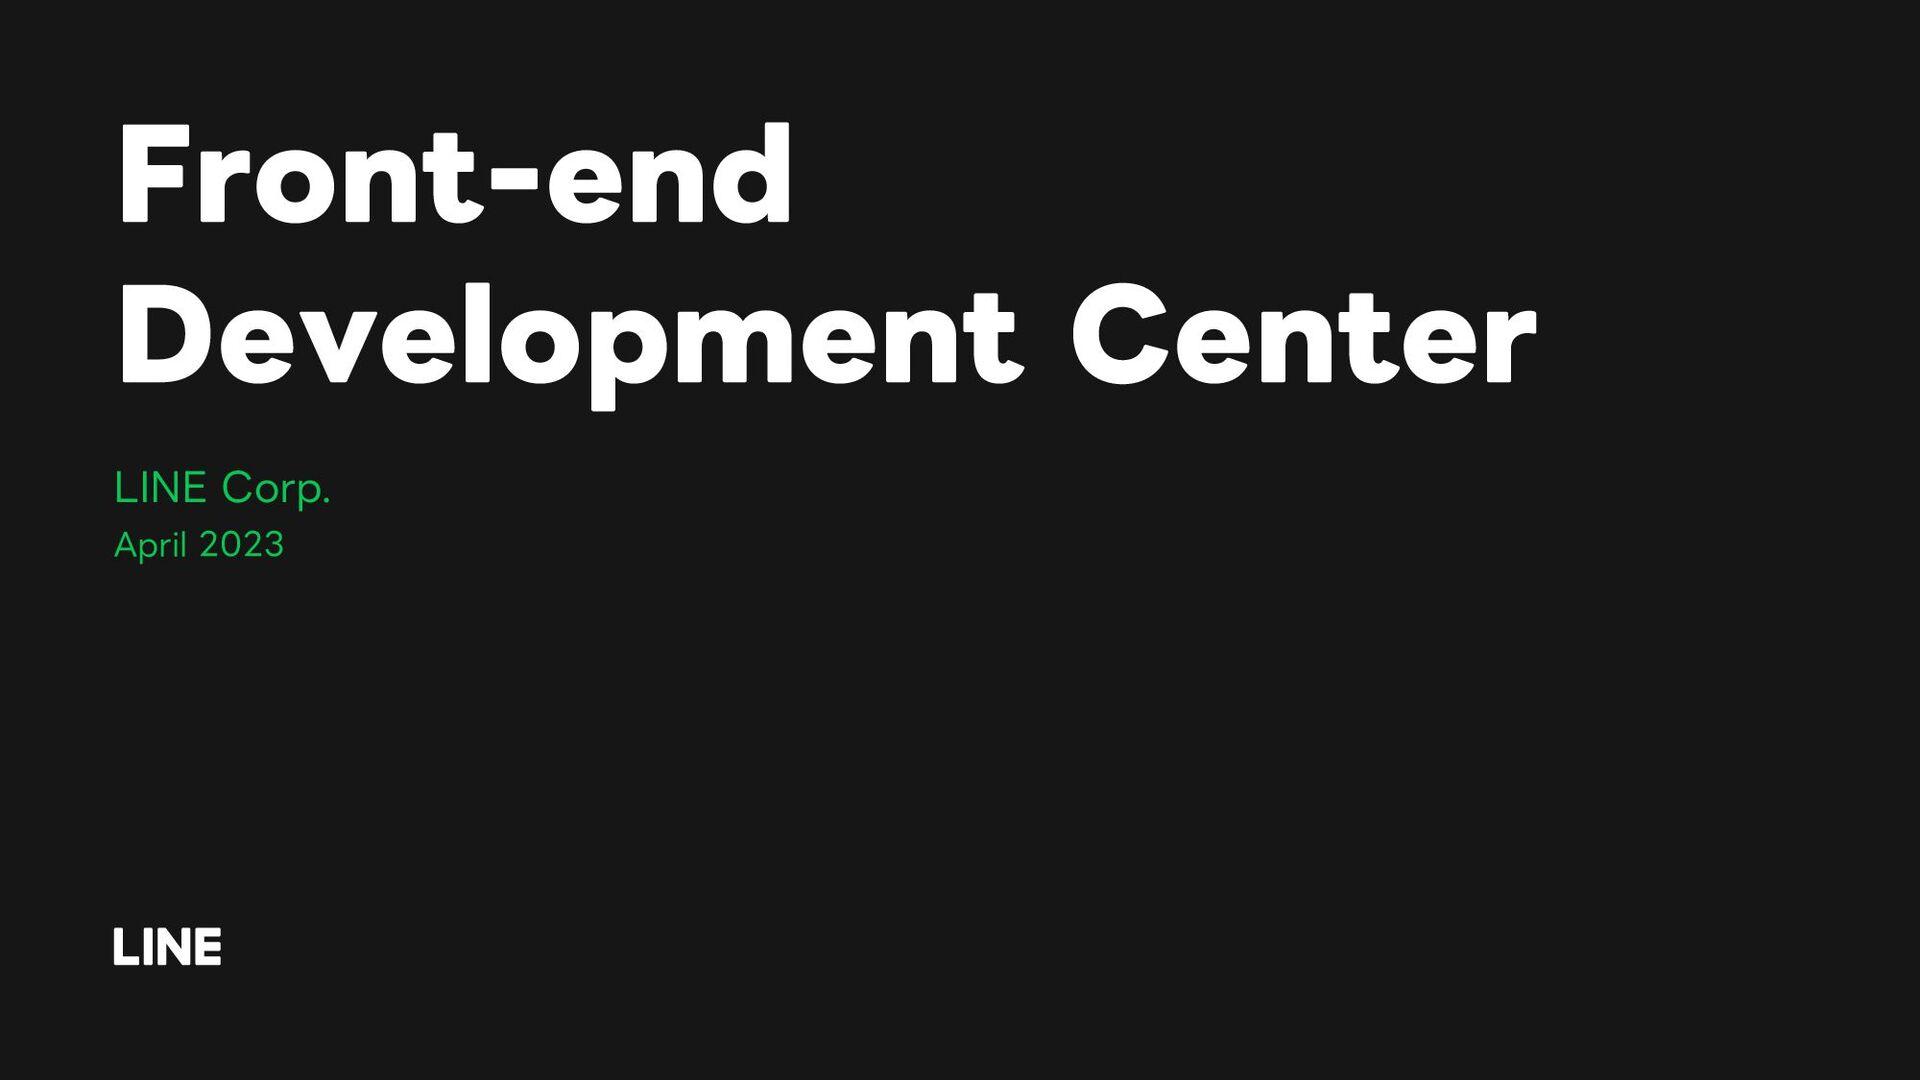 Front-end Development Center LINE Corp. 202107